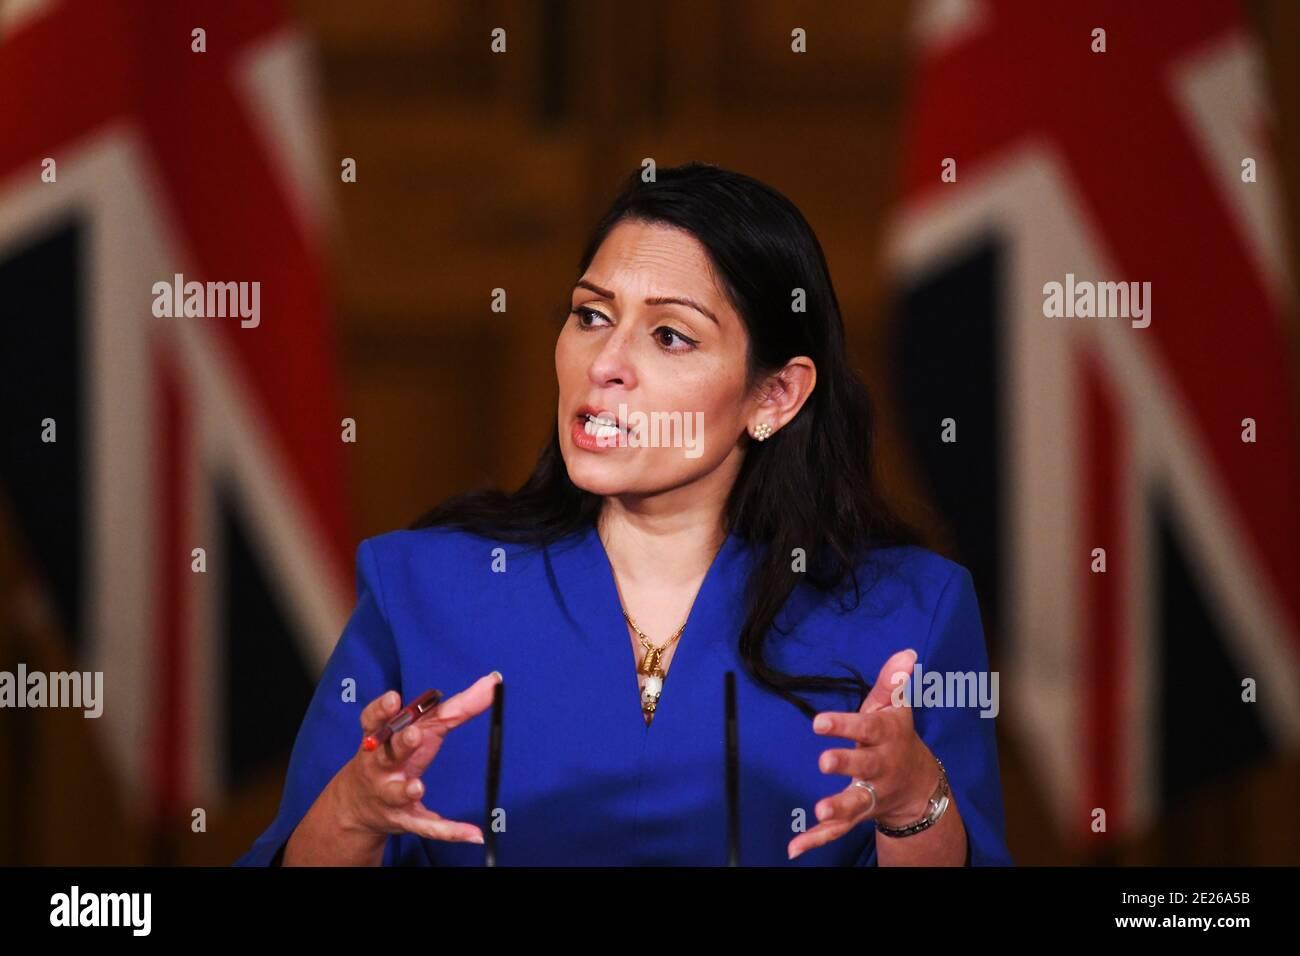 Il Segretario britannico agli interni Priti Patel parla ad una conferenza stampa sulla malattia del coronavirus (COVID-19) a Downing Street, a Londra, Gran Bretagna, 12 gennaio 2021. Leon Neal/Pool via REUTERS Foto Stock